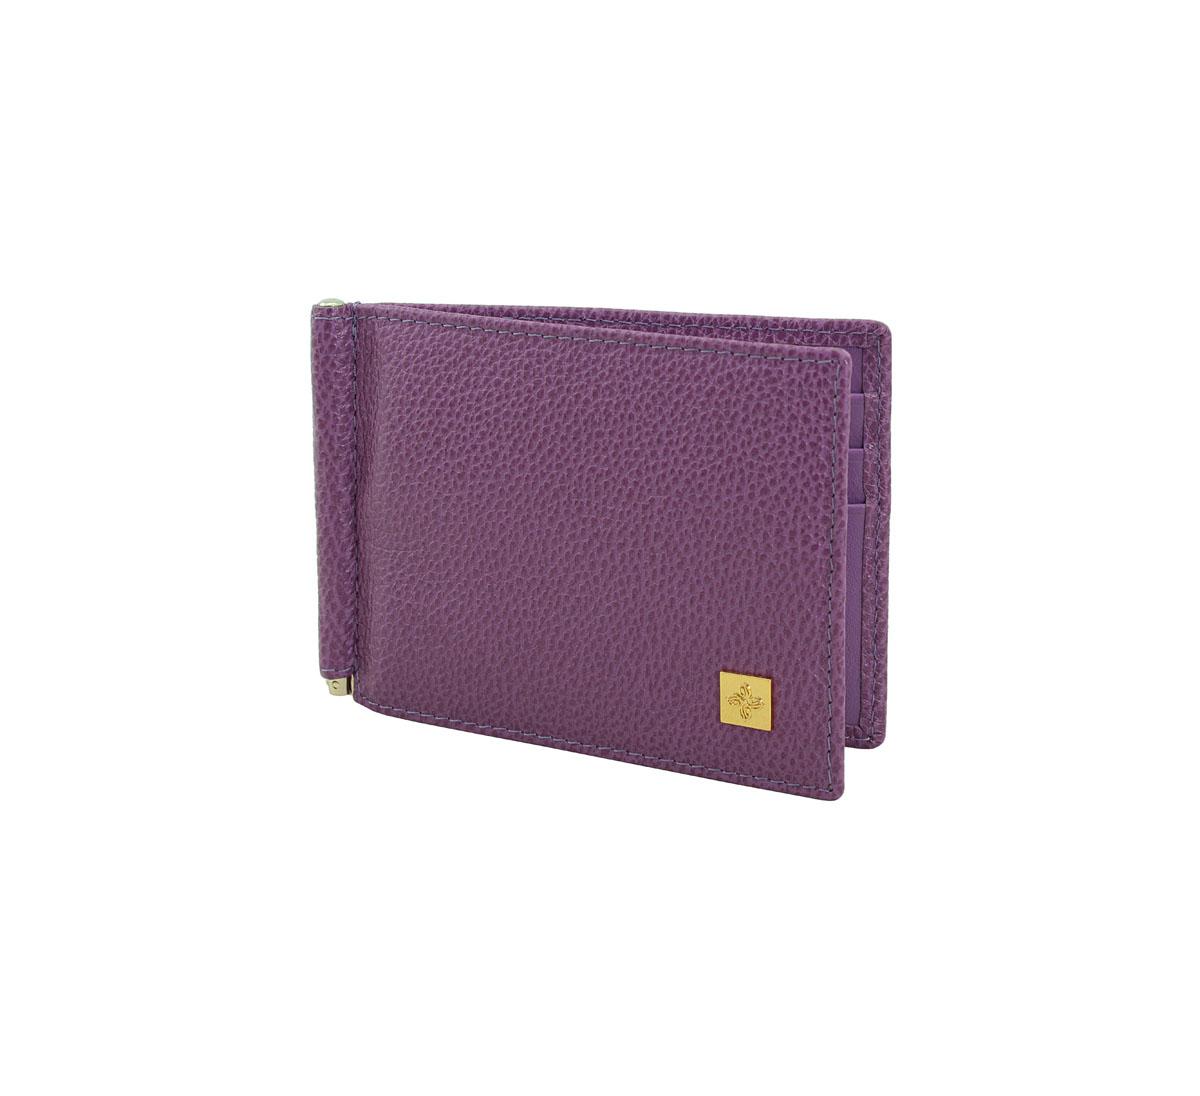 """Зажим для денег Dimanche """"Purpur"""", цвет: фиолетовый. 249"""